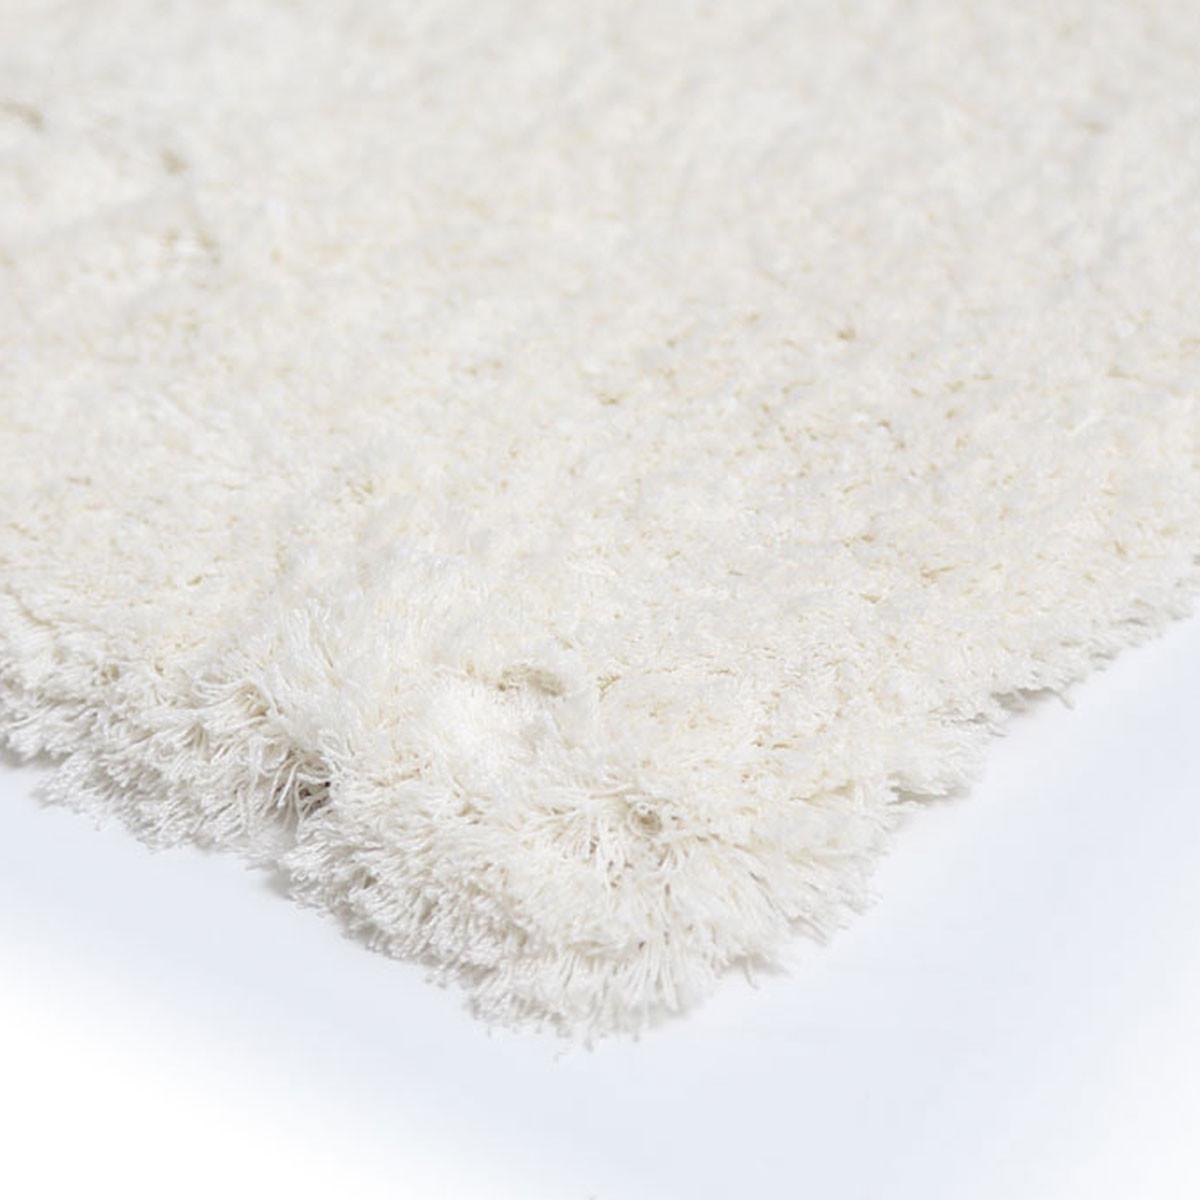 Χαλιά Κρεβατοκάμαρας (Σετ 3τμχ) Royal Carpets Micro White